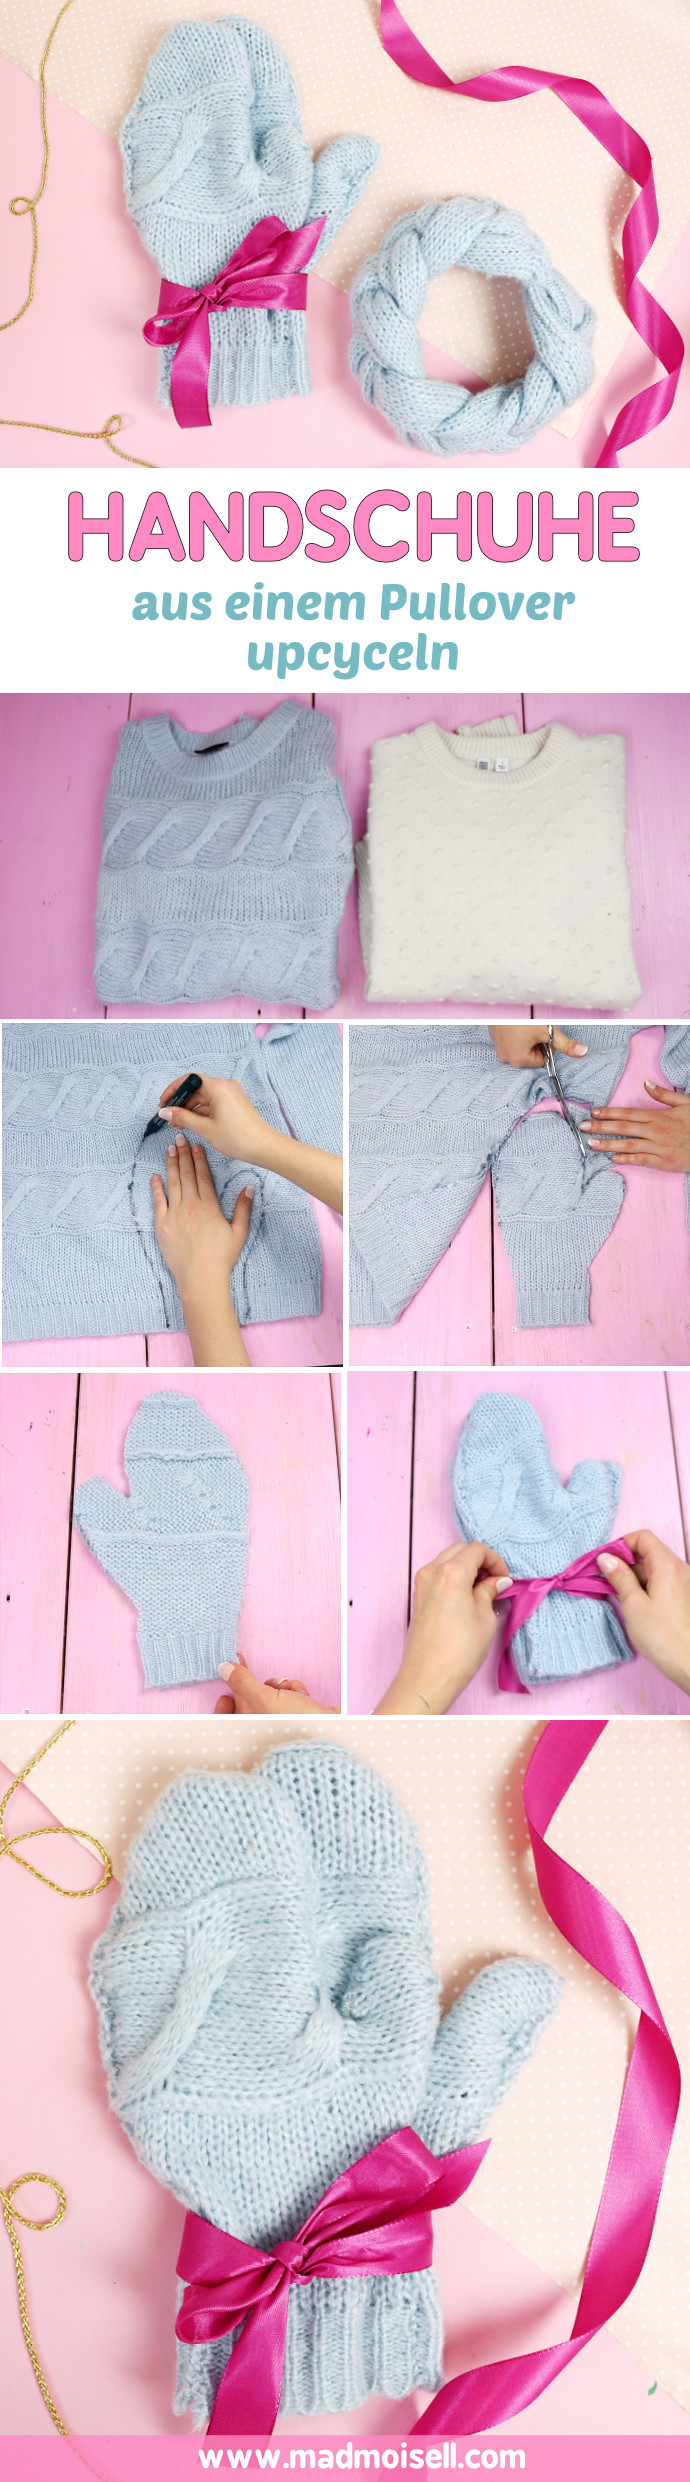 diy handschuhe selber machen schnelles diy weihnachtsgeschenk. Black Bedroom Furniture Sets. Home Design Ideas